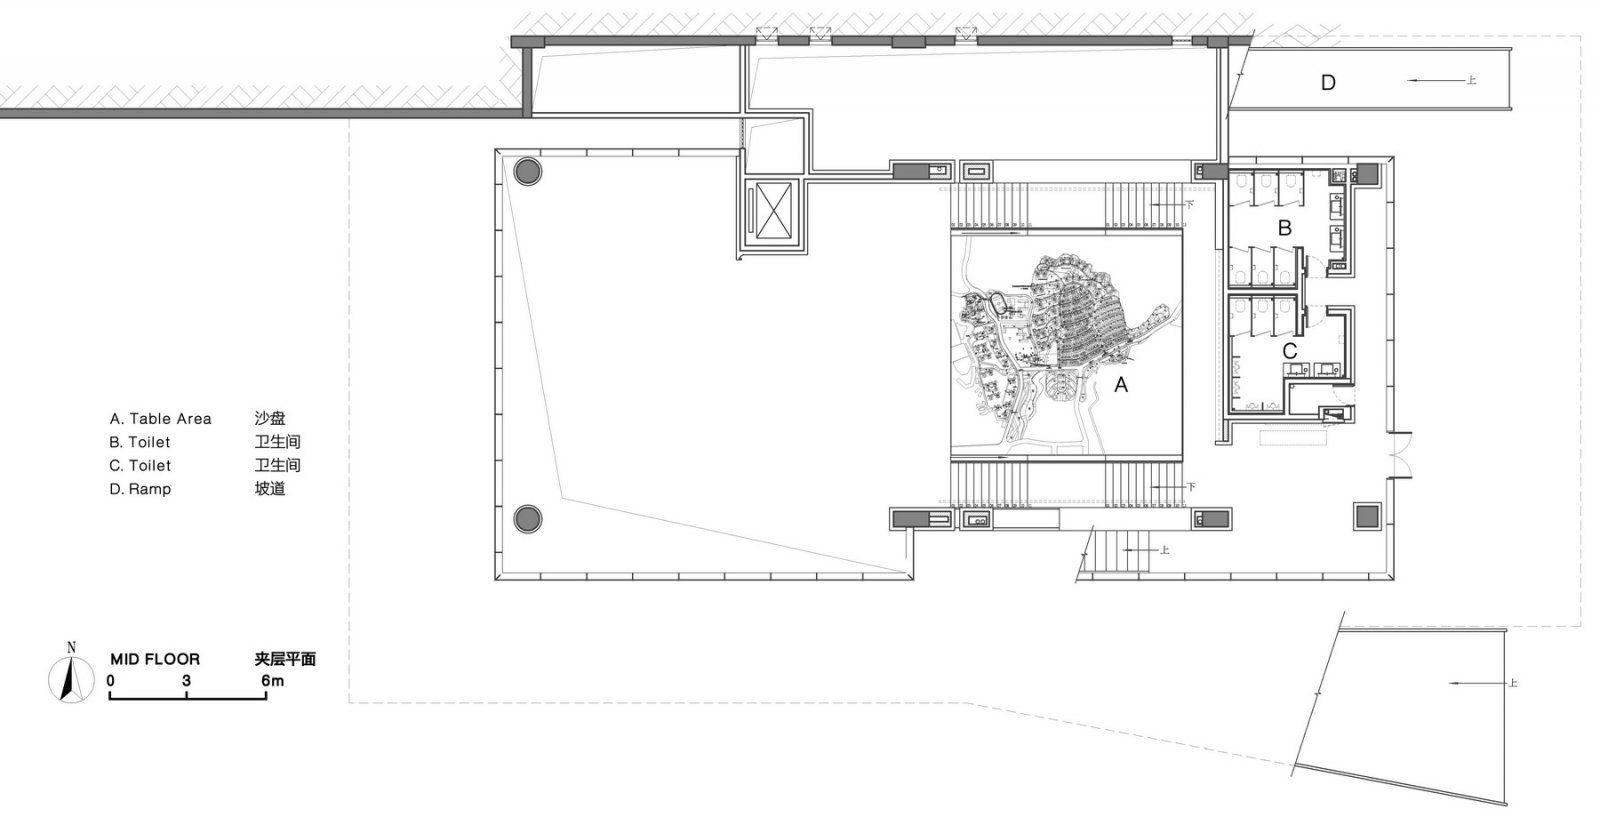 叙事·梧州美的城市展厅 | 共生形态设计|彭征 - 37